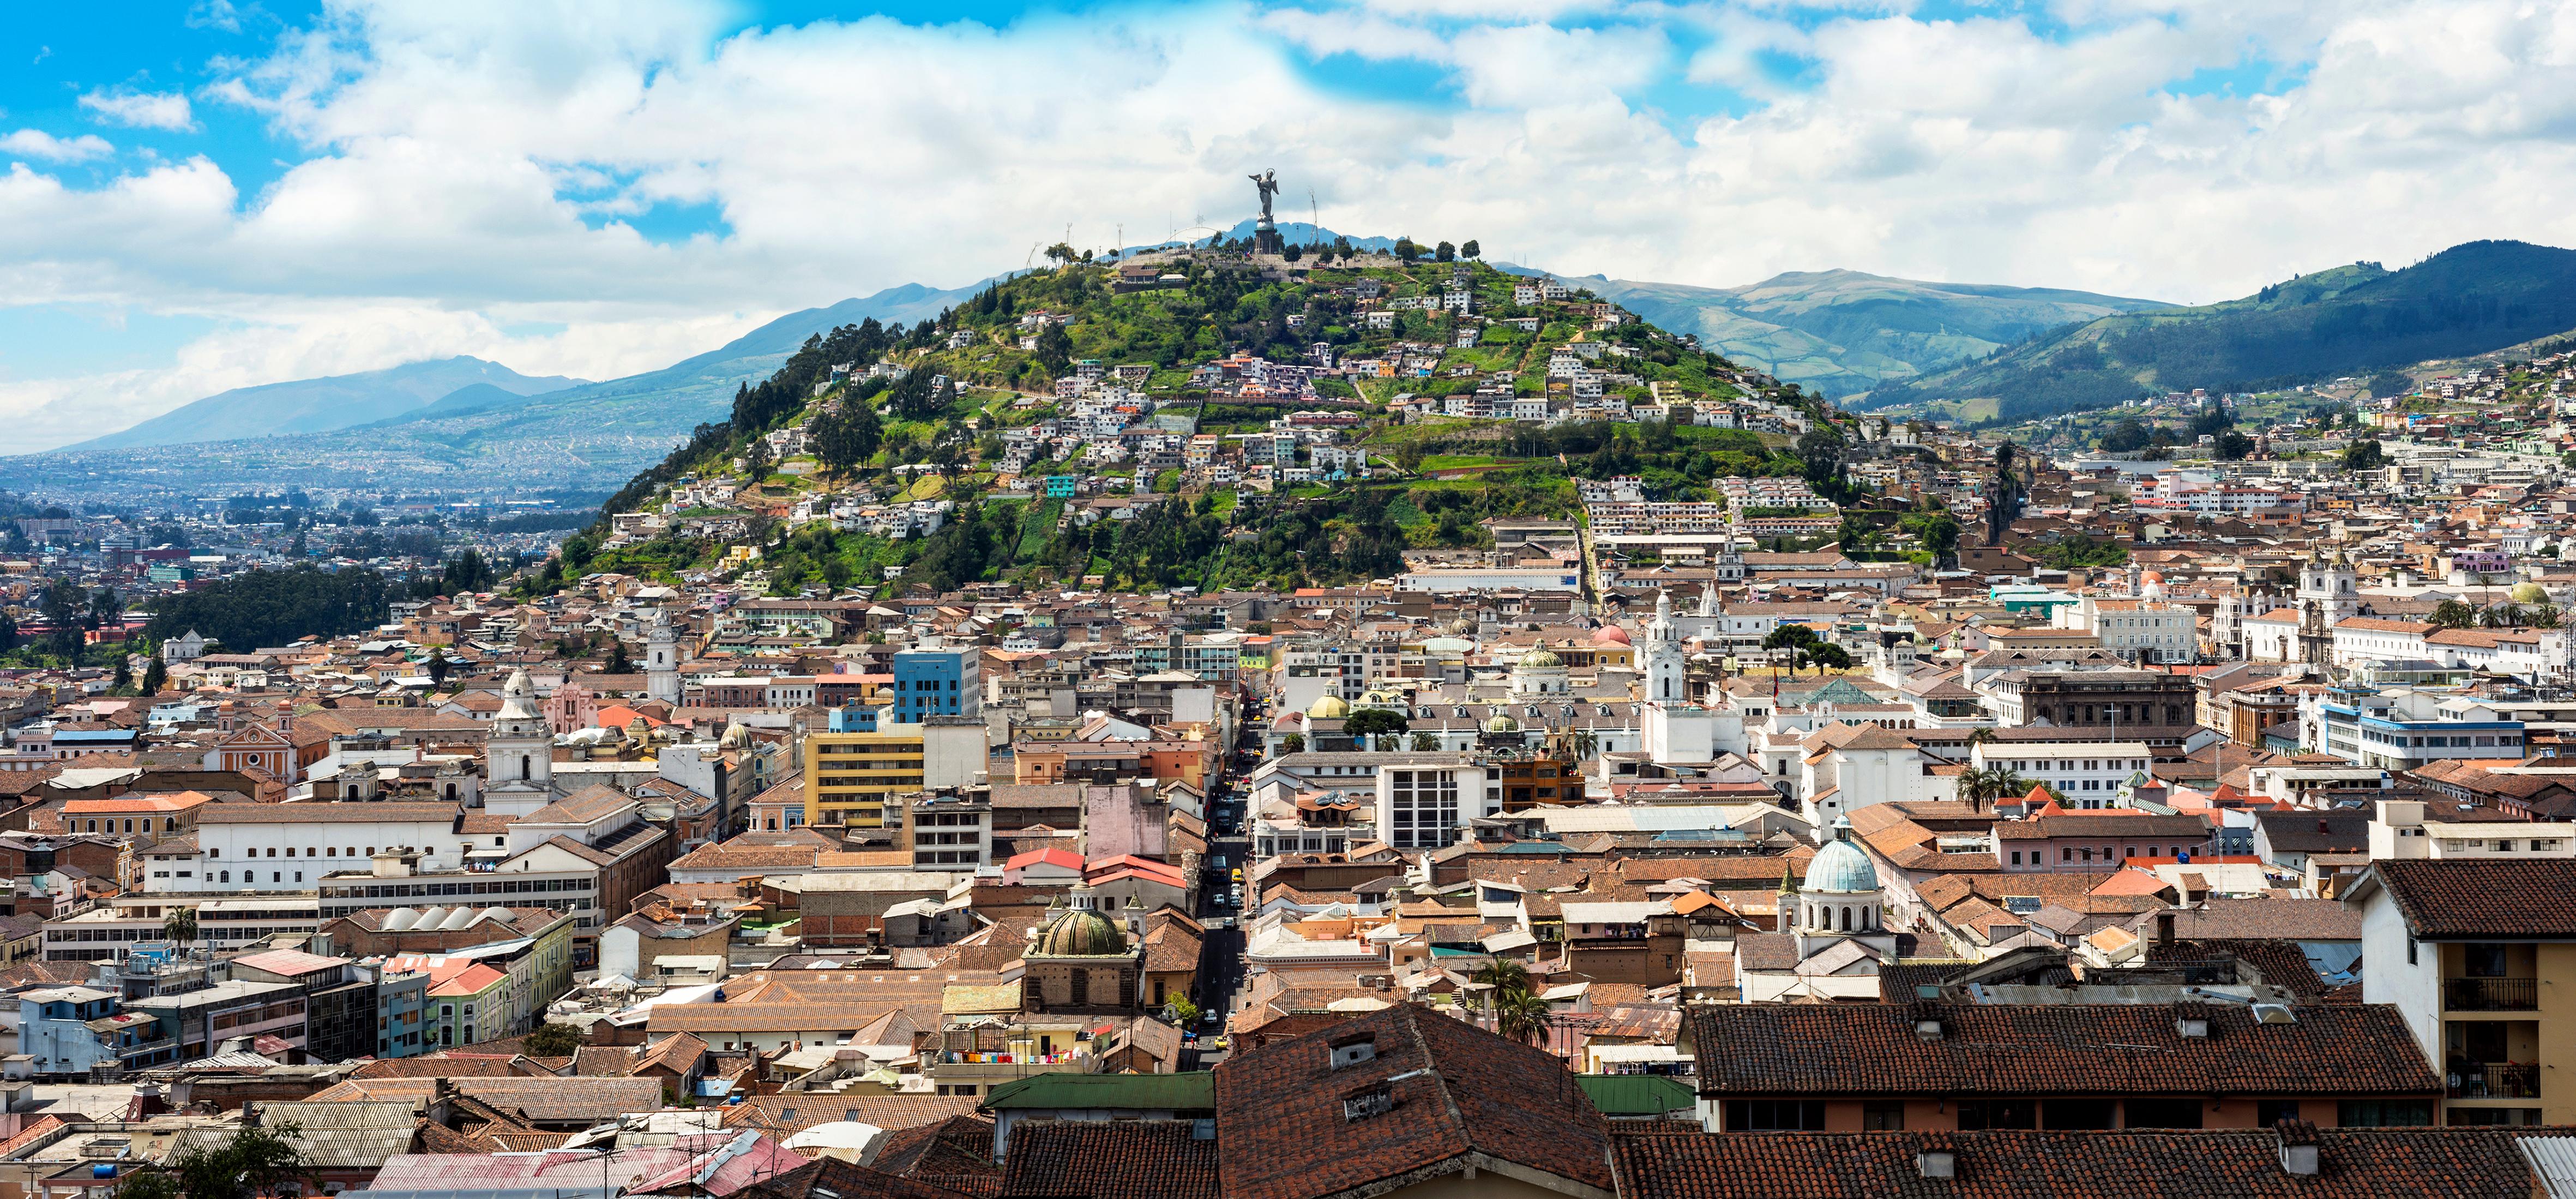 Asciende al mirador de Quito, una bella panorámica a 3000 metros de altura - Ecuador Gran Viaje Descubrimiento del Ecuador